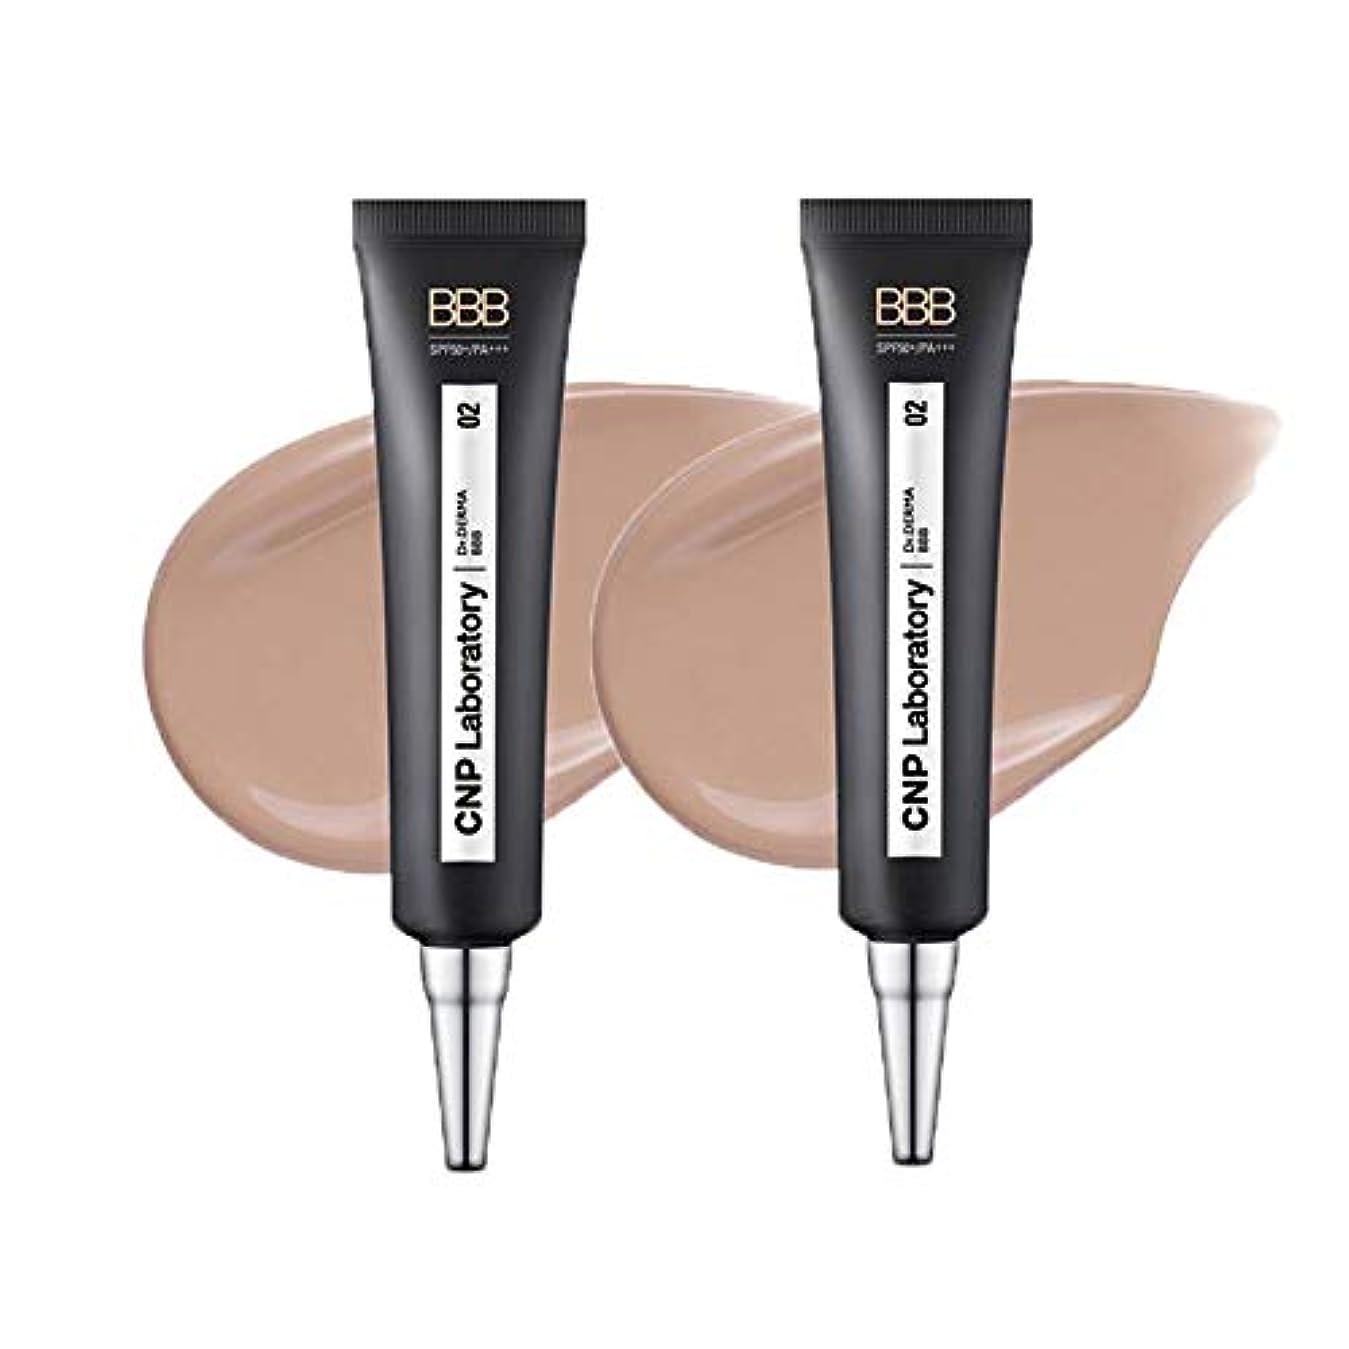 清めるベット先CNPドクターダーマBBB30mlx2本セット2色BBクリーム韓国コスメ、CNP Dr.Derma BBB 30ml x 2ea Set 2 Colors BB Cream Korean Cosmetics [並行輸入品] (No.2 Natural Beige)